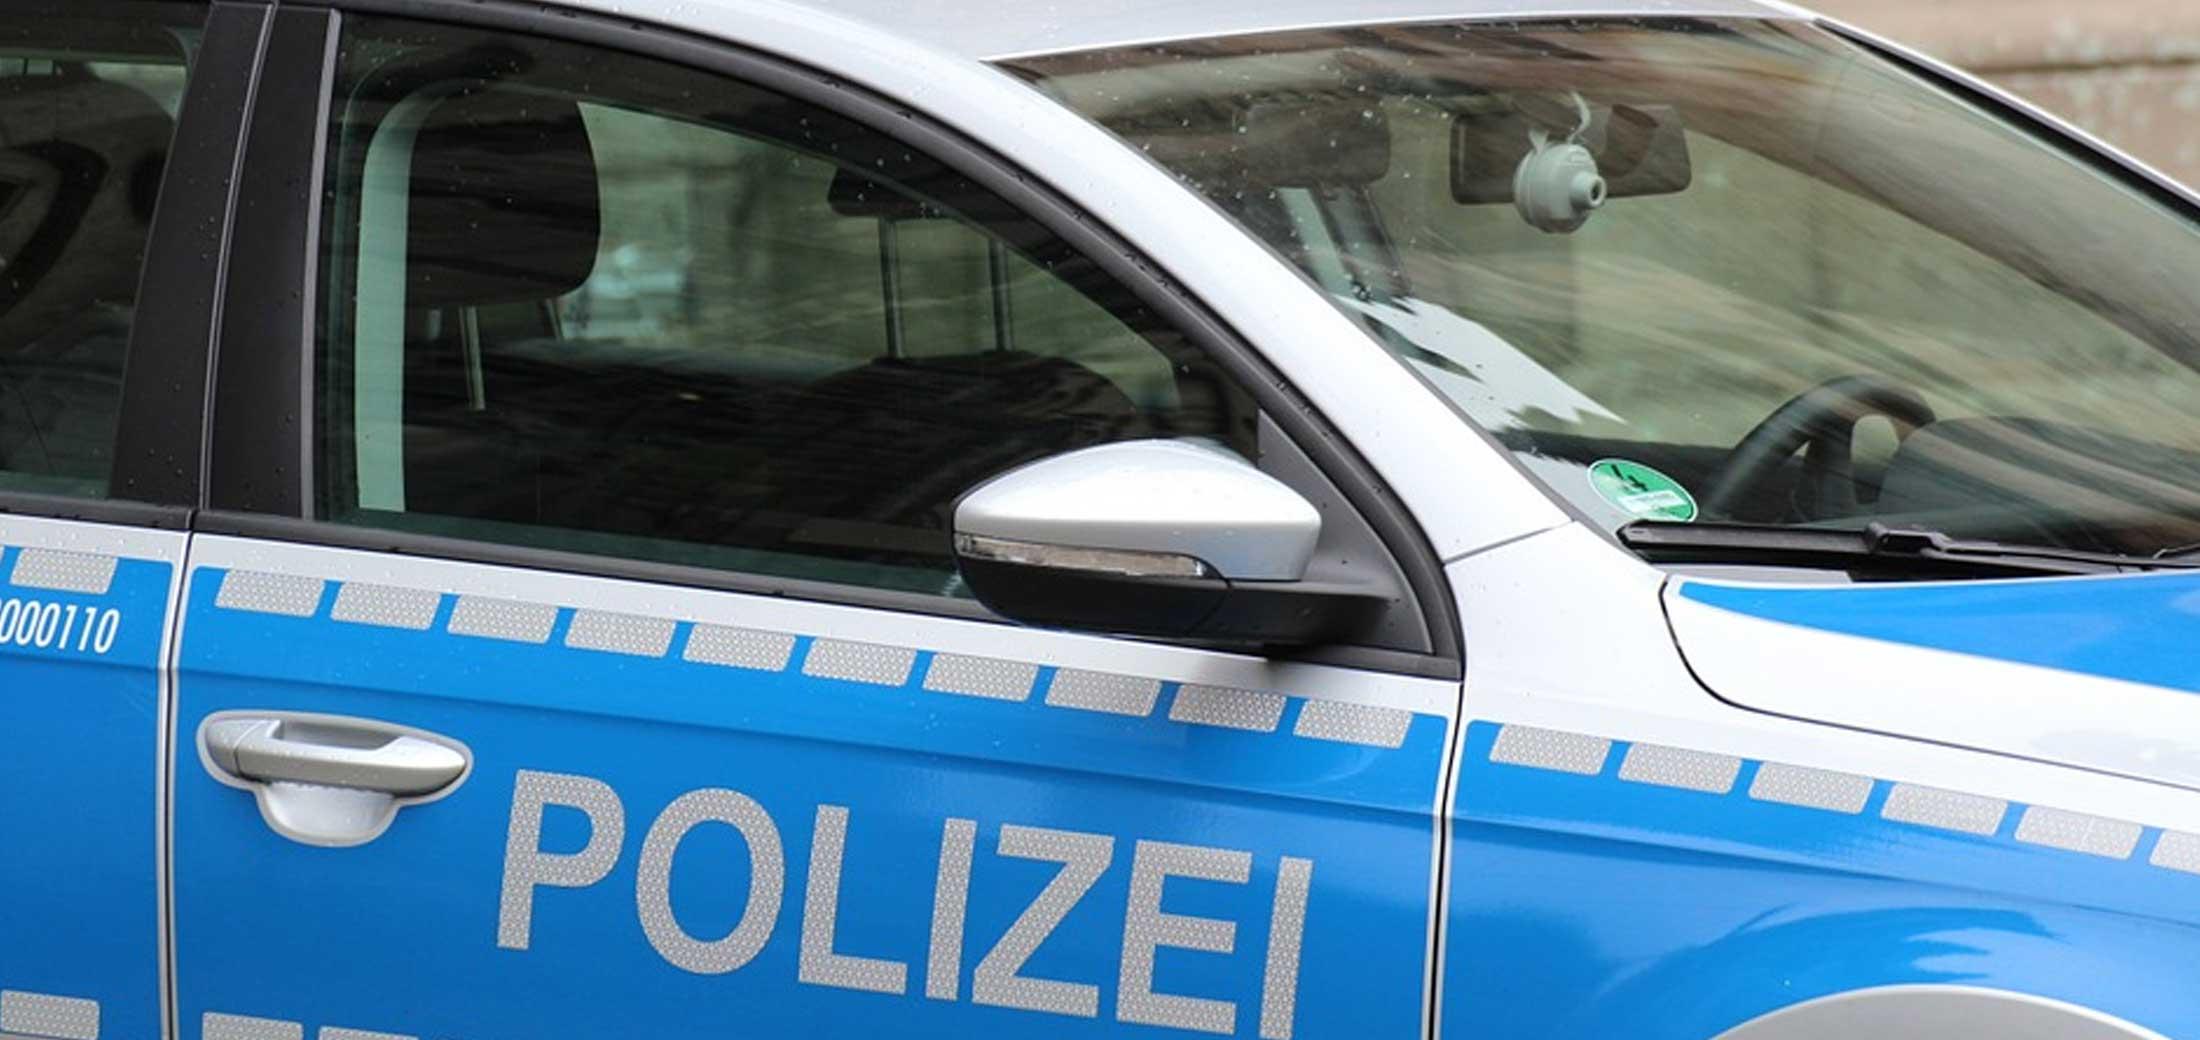 Am 13. September im Bürgersaal: – Polizeiarbeit in Edingen-Neckarhausen – Liberale Runde mit Polizeirat Thomas Oechsler, Leiter des Polizeireviers Ladenburg